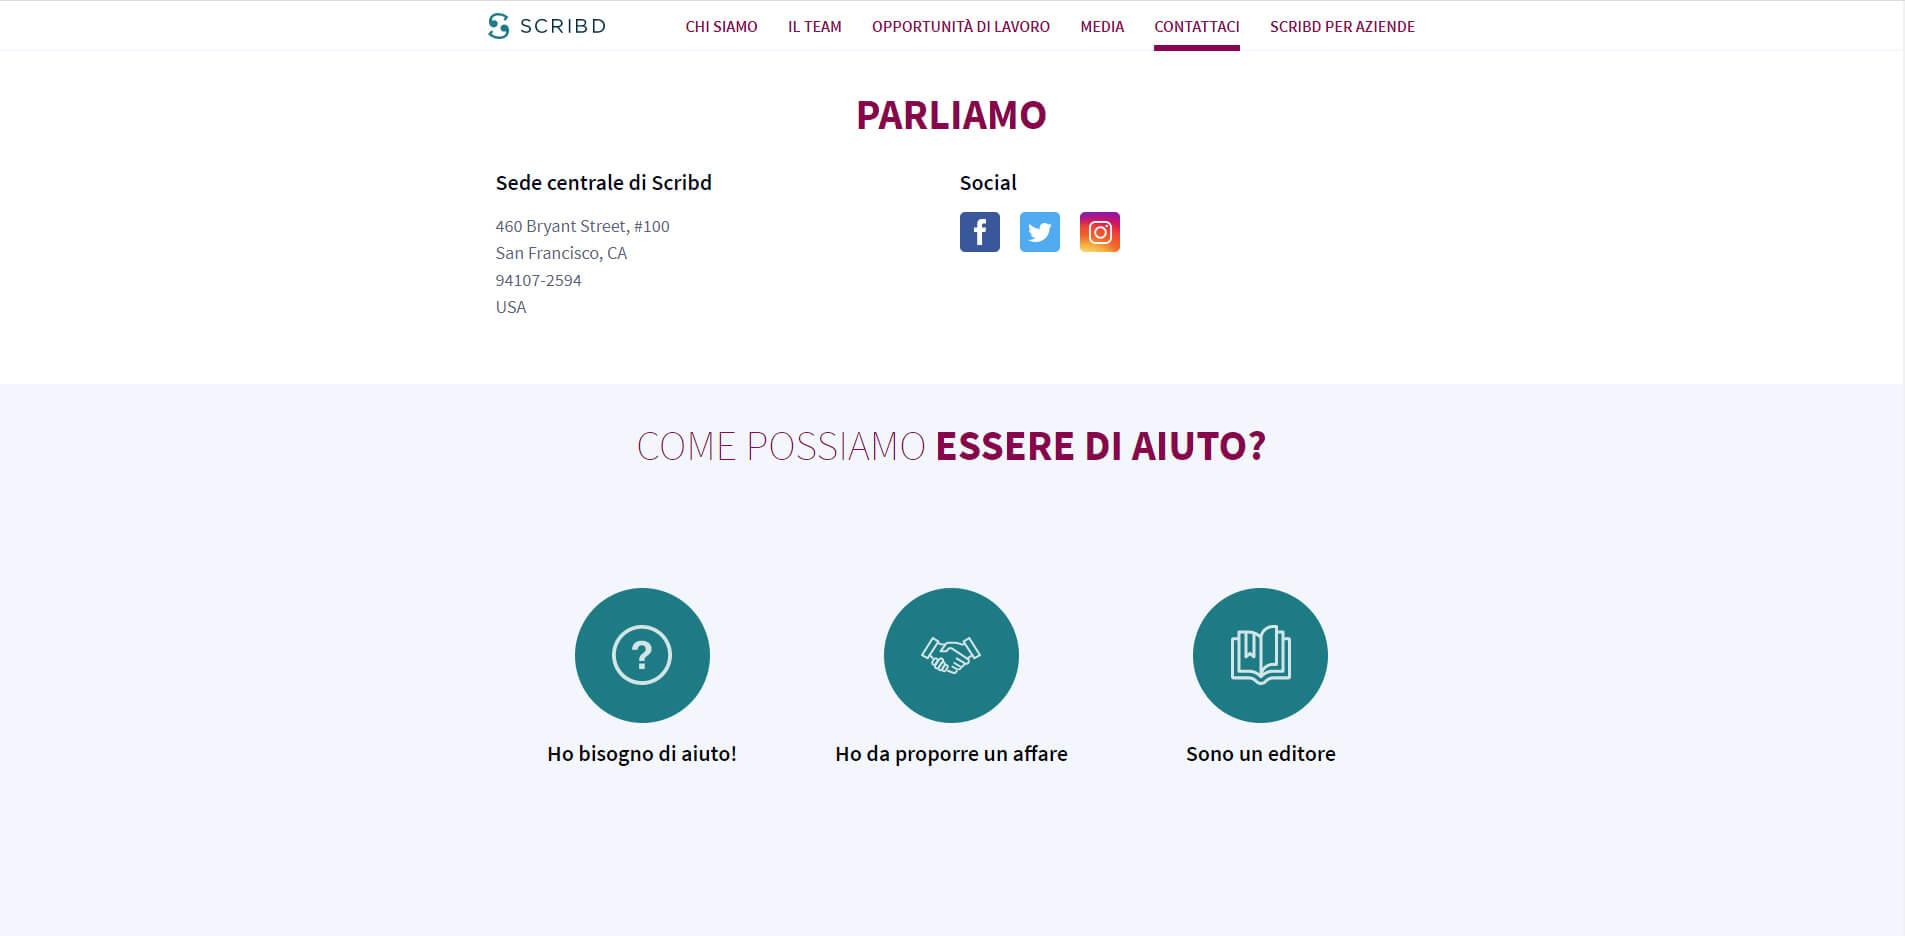 esempio di pagina contatti con informazioni